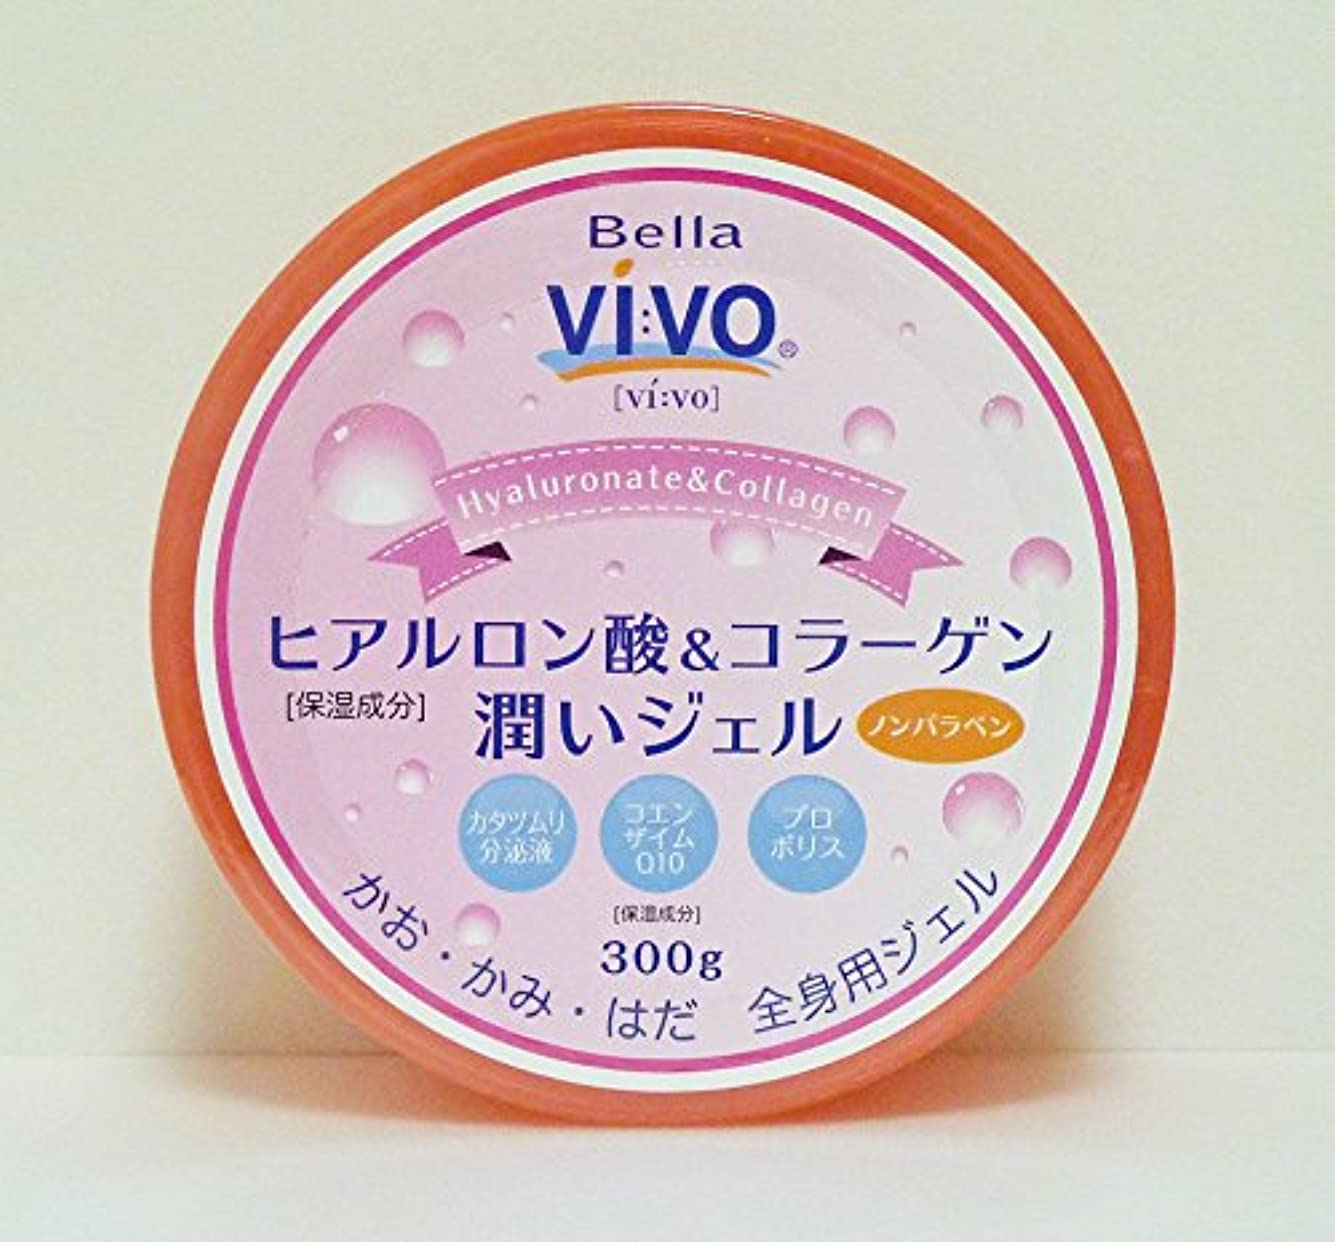 トマト提案裁定全身用保湿ジェル Bella Vivoヒアルロン酸&コラーゲン潤いジェル たっぷり300g 元気プロジェクト